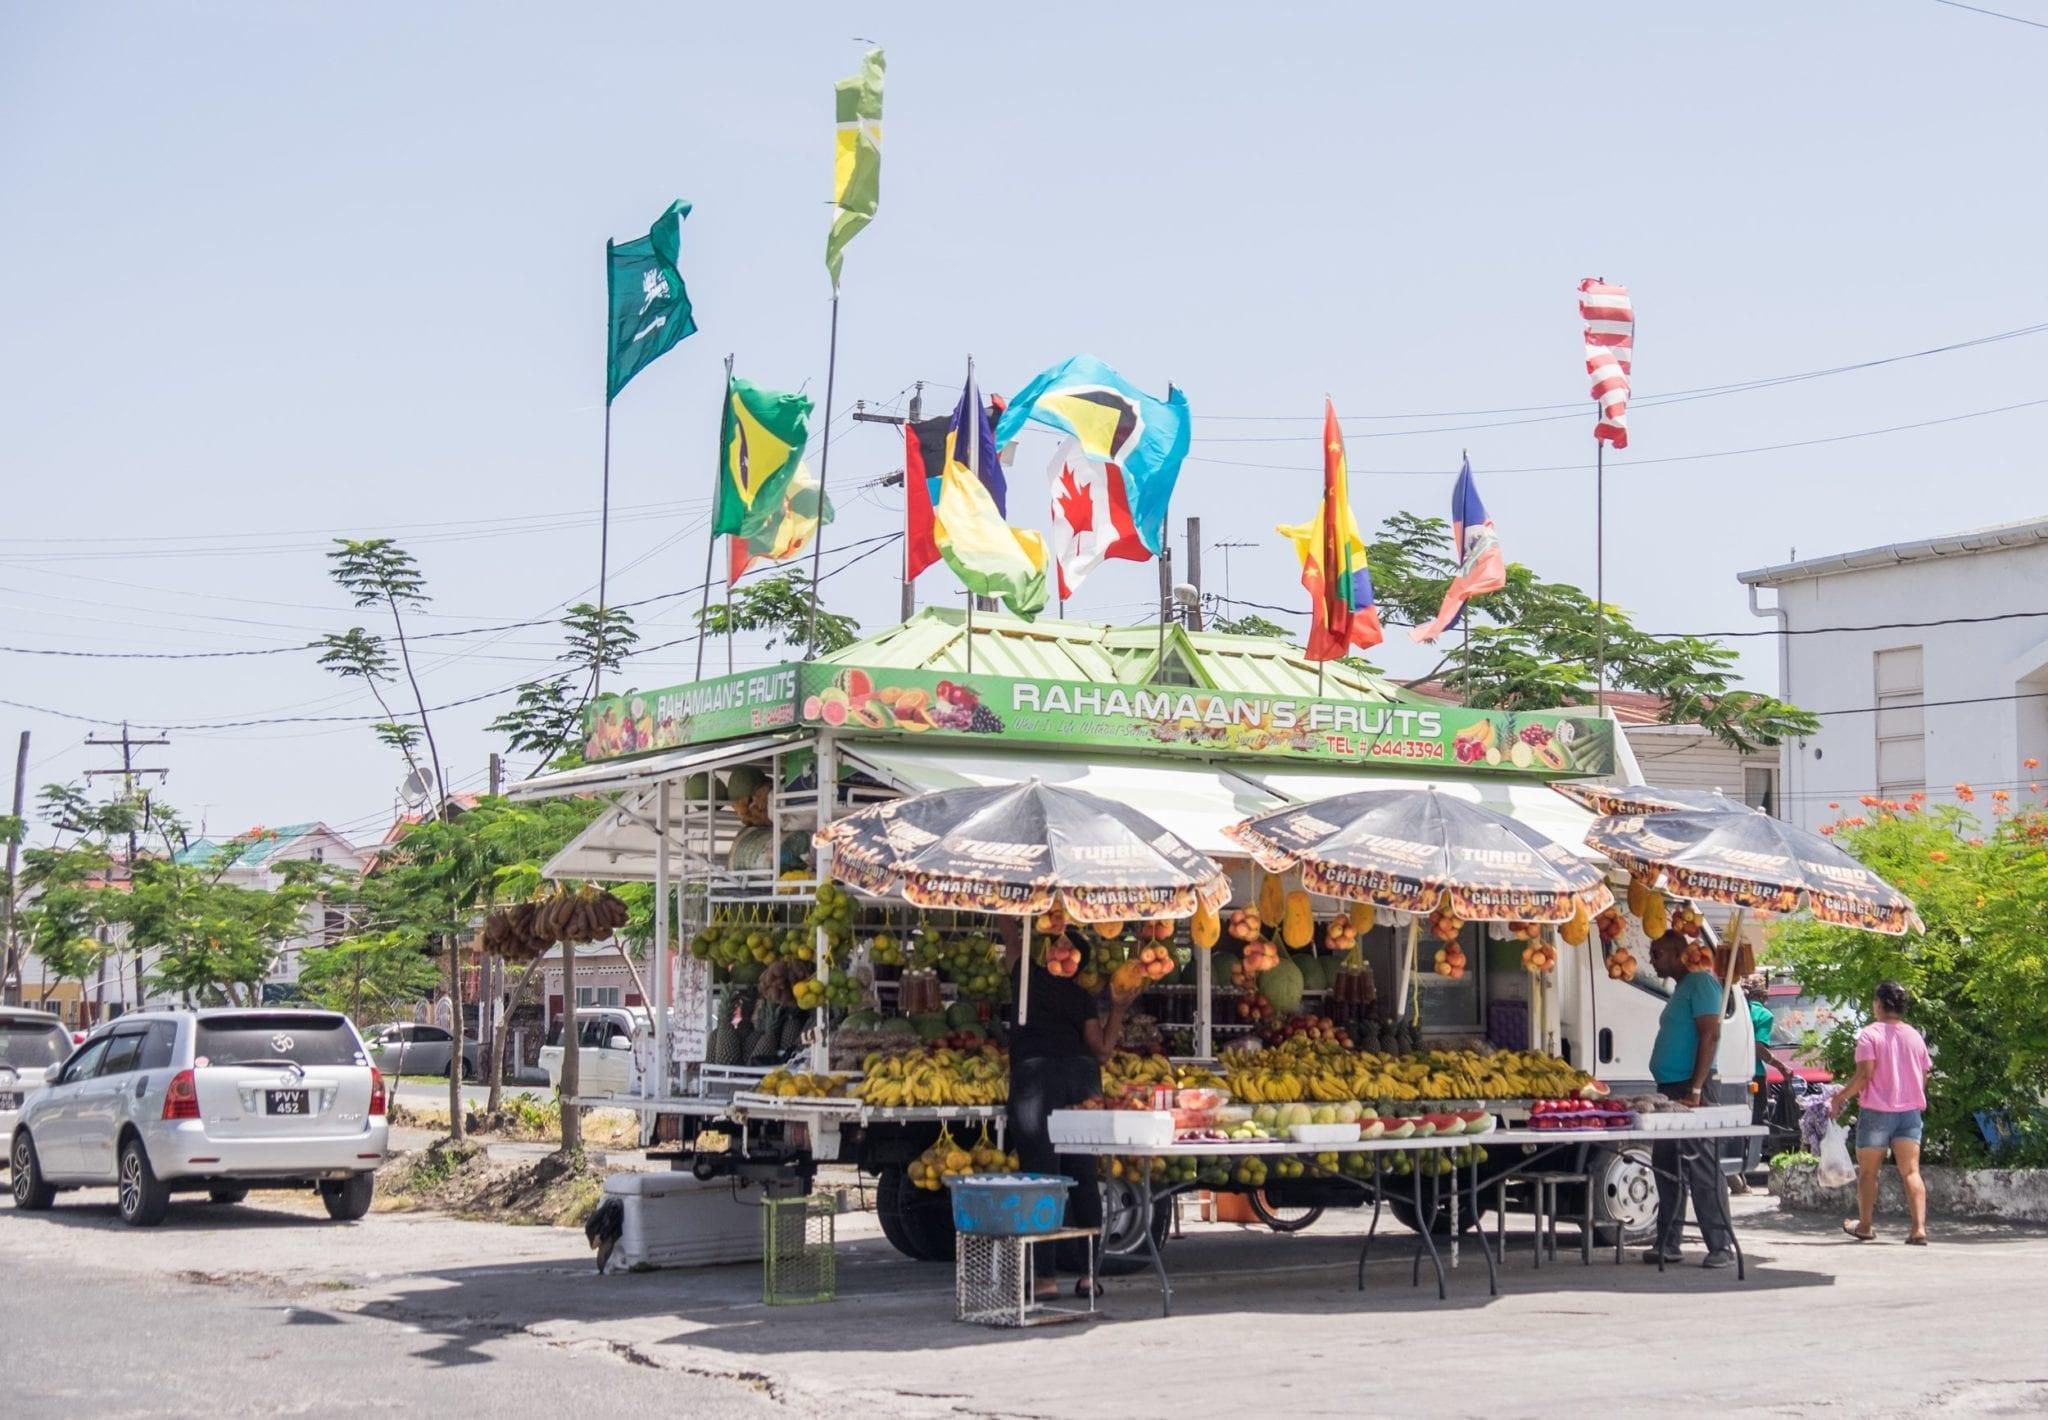 DSCF7213 ▷ ¿Qué es realmente como viajar a Guyana?